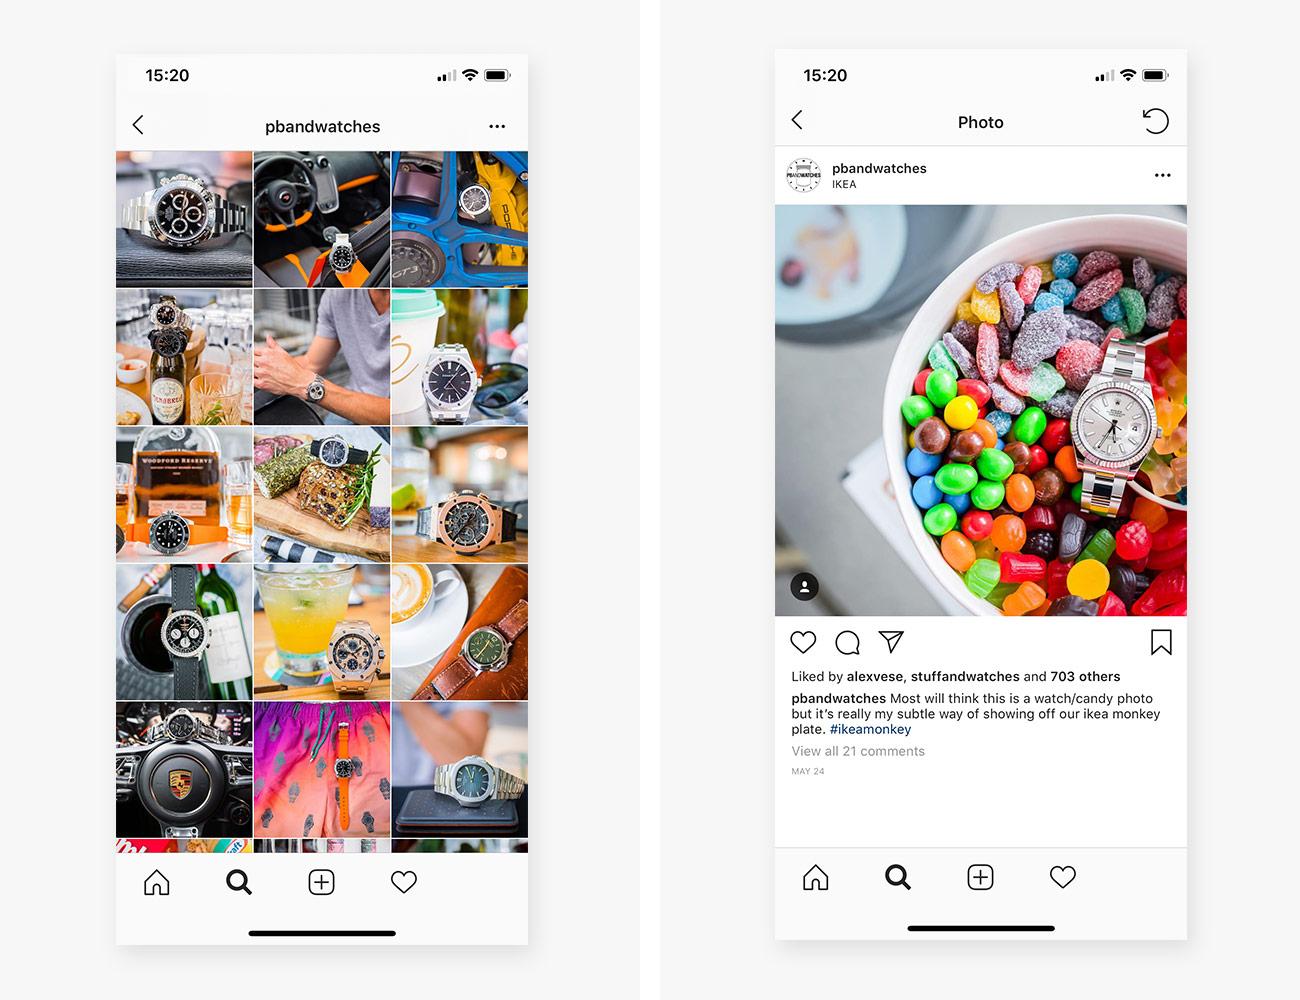 Instagram account forums